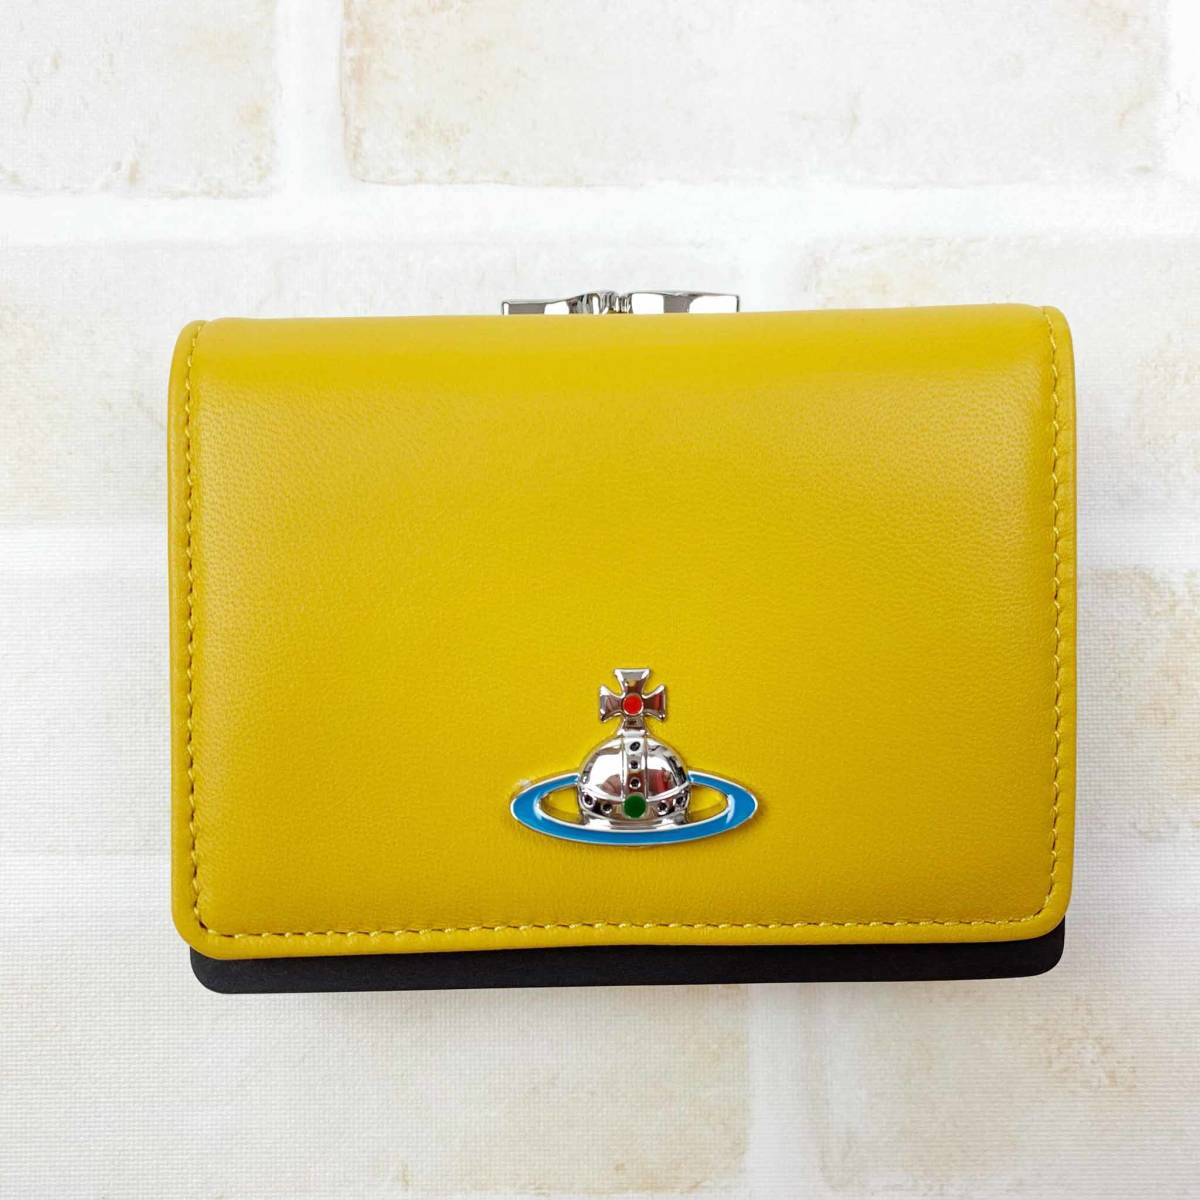 Vivienne Westwood ヴィヴィアンウエストウッド 三つ折り がま口 財布 レディース イエロー 財布【TS14】